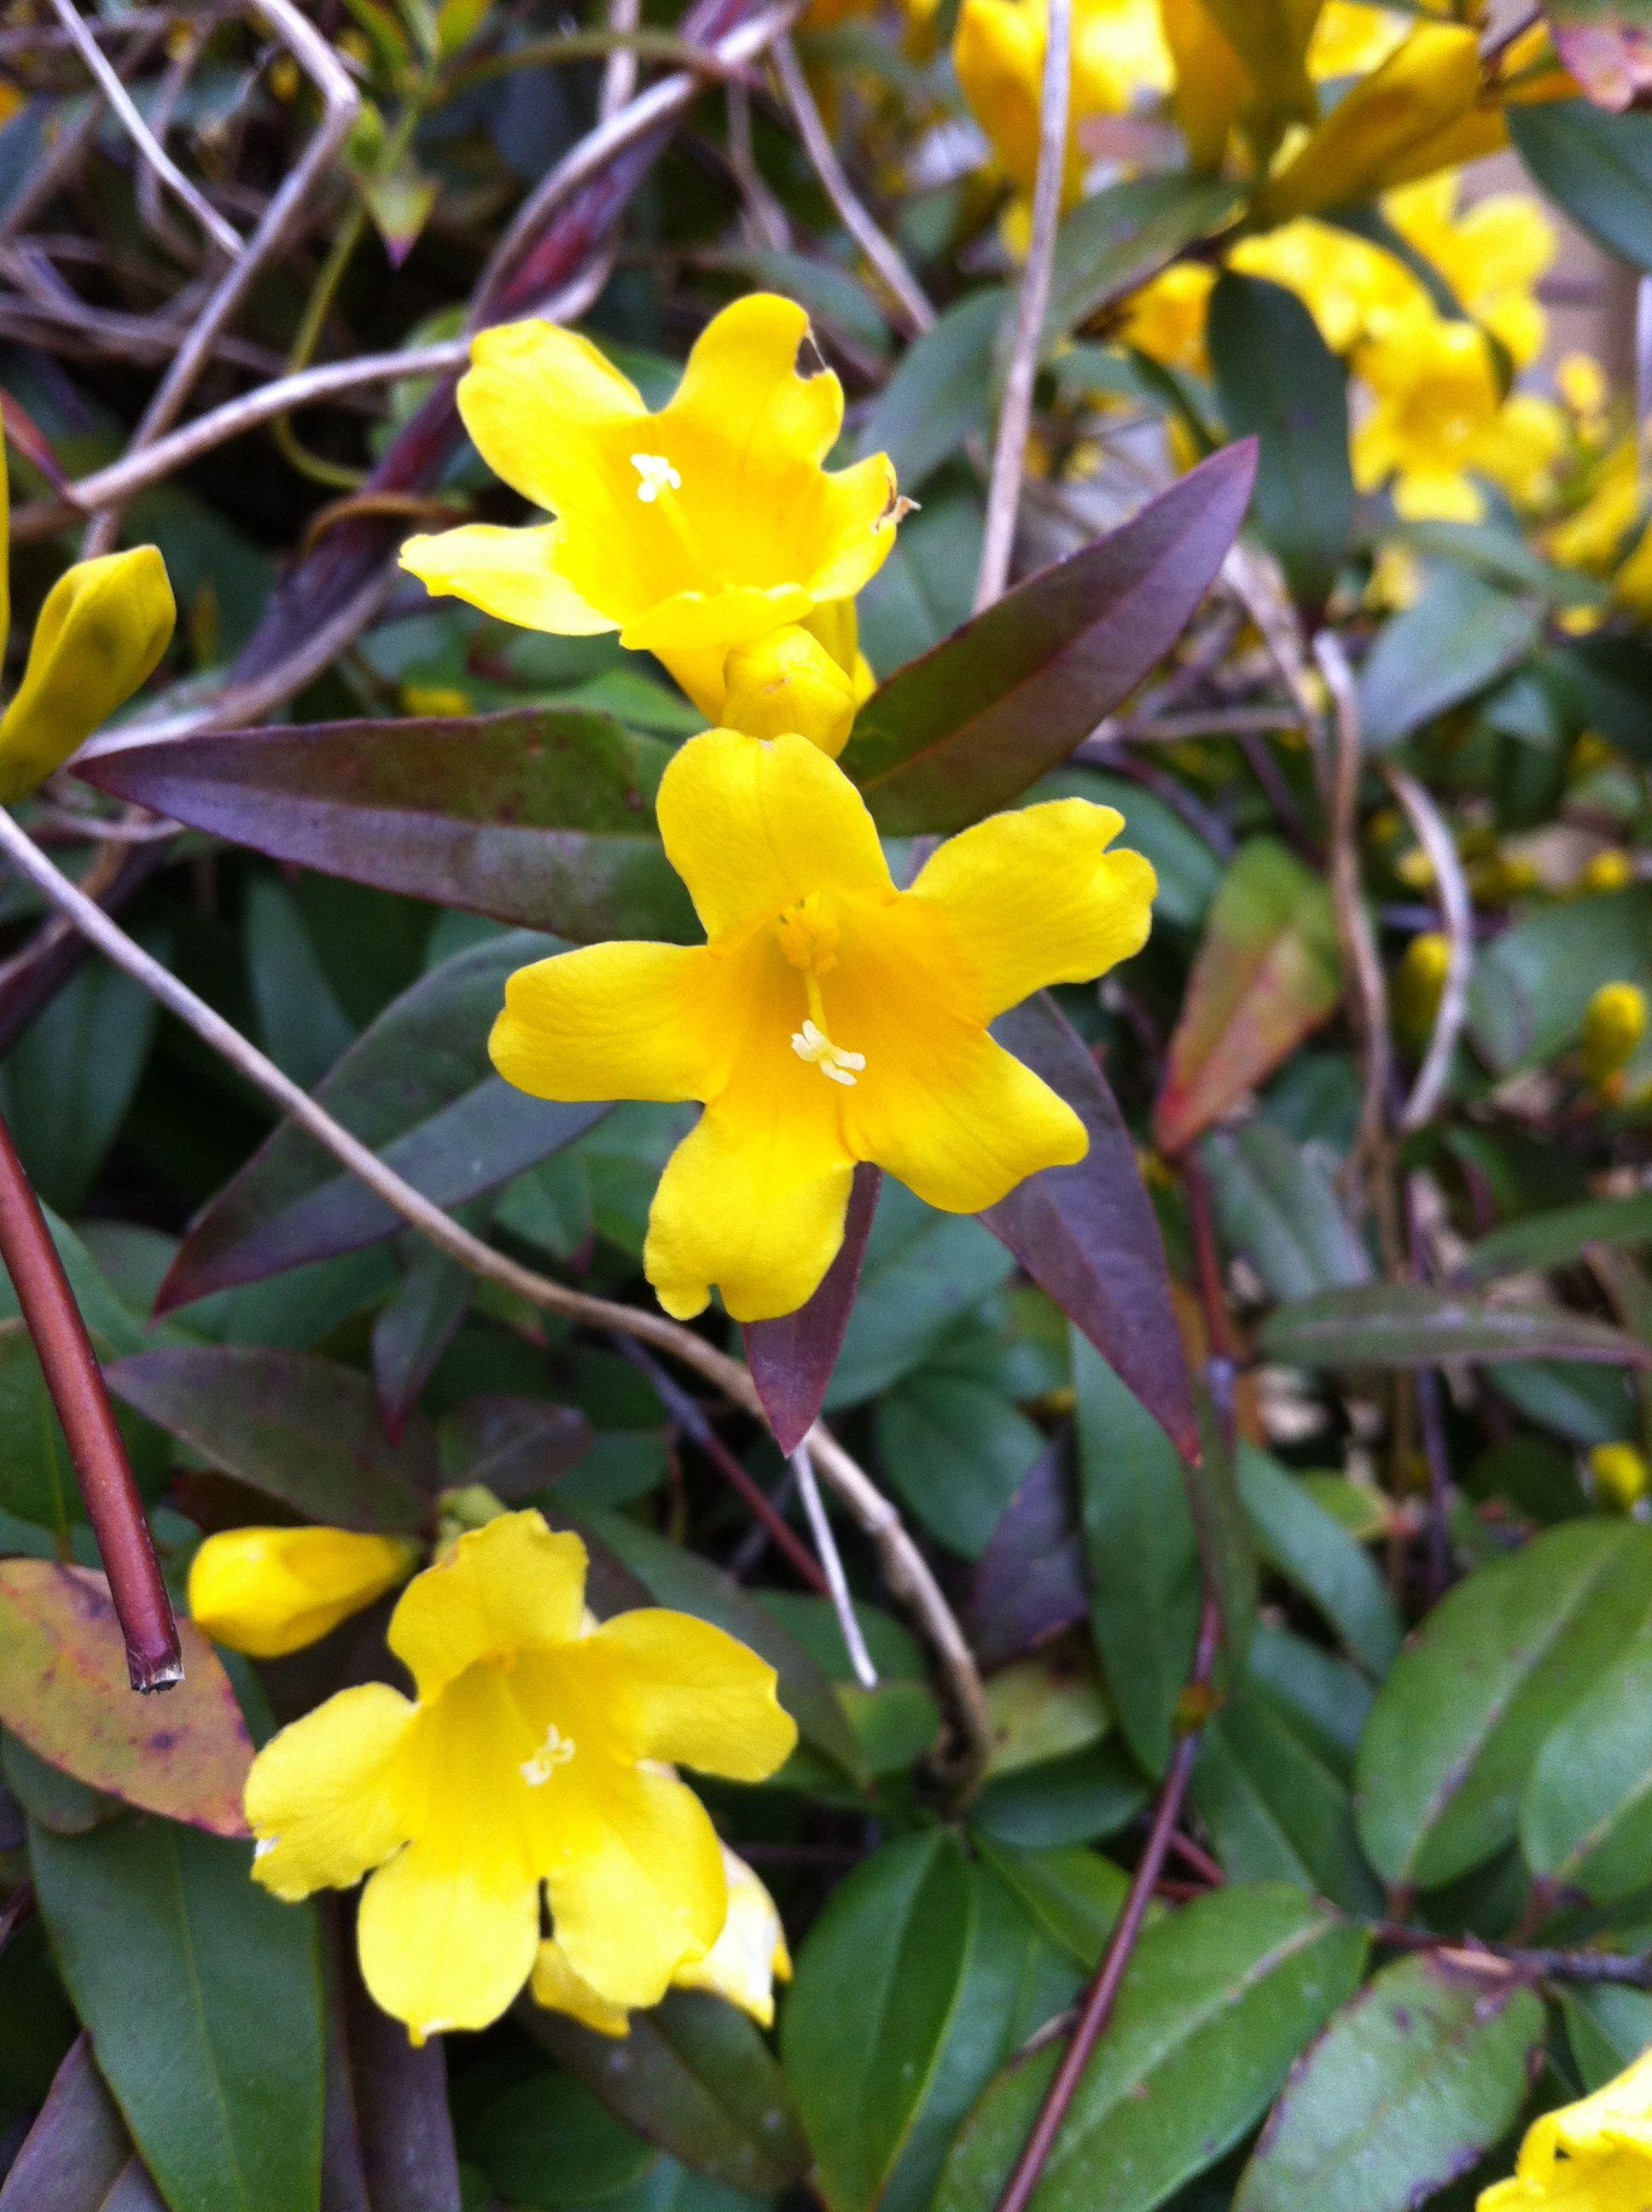 Yellow jasmine flowers home gardening pinterest jasmine yellow jasmine flowers izmirmasajfo Images